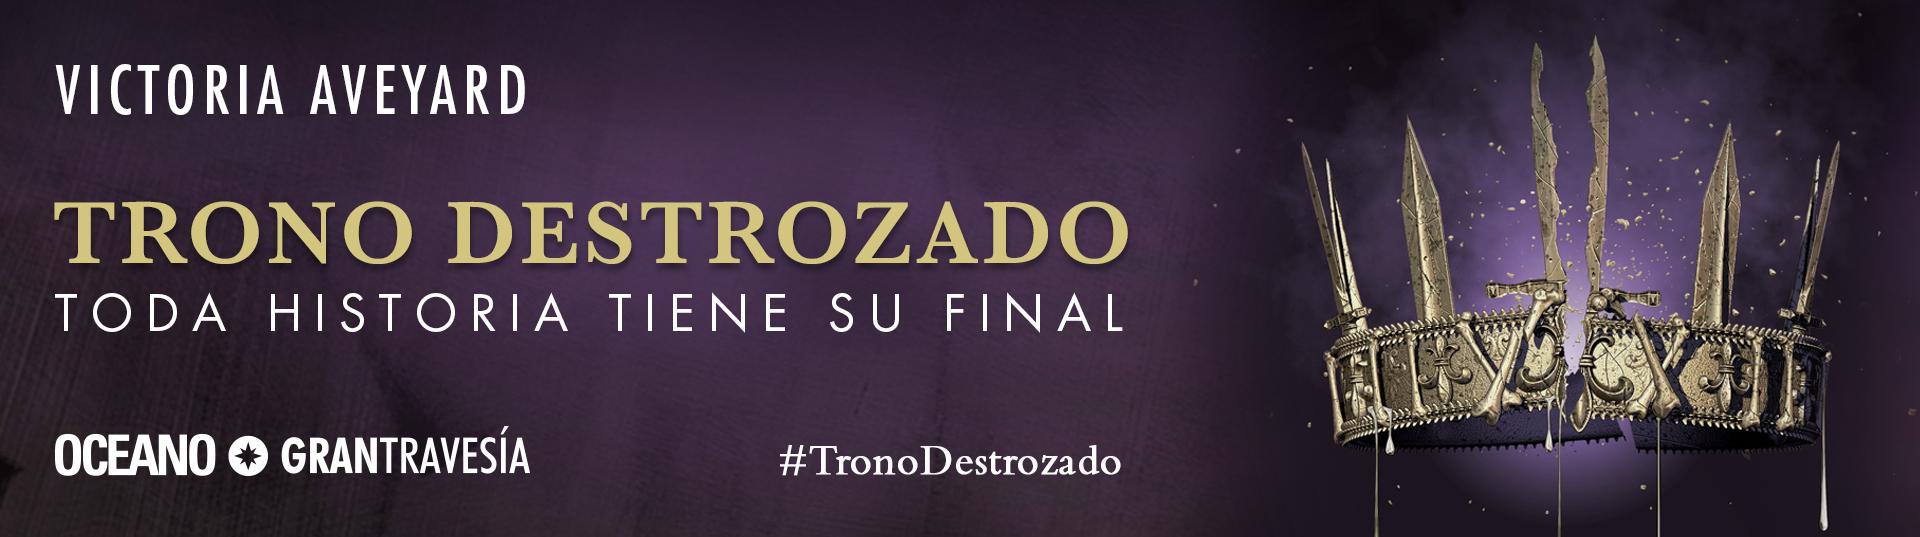 Blog_Trono